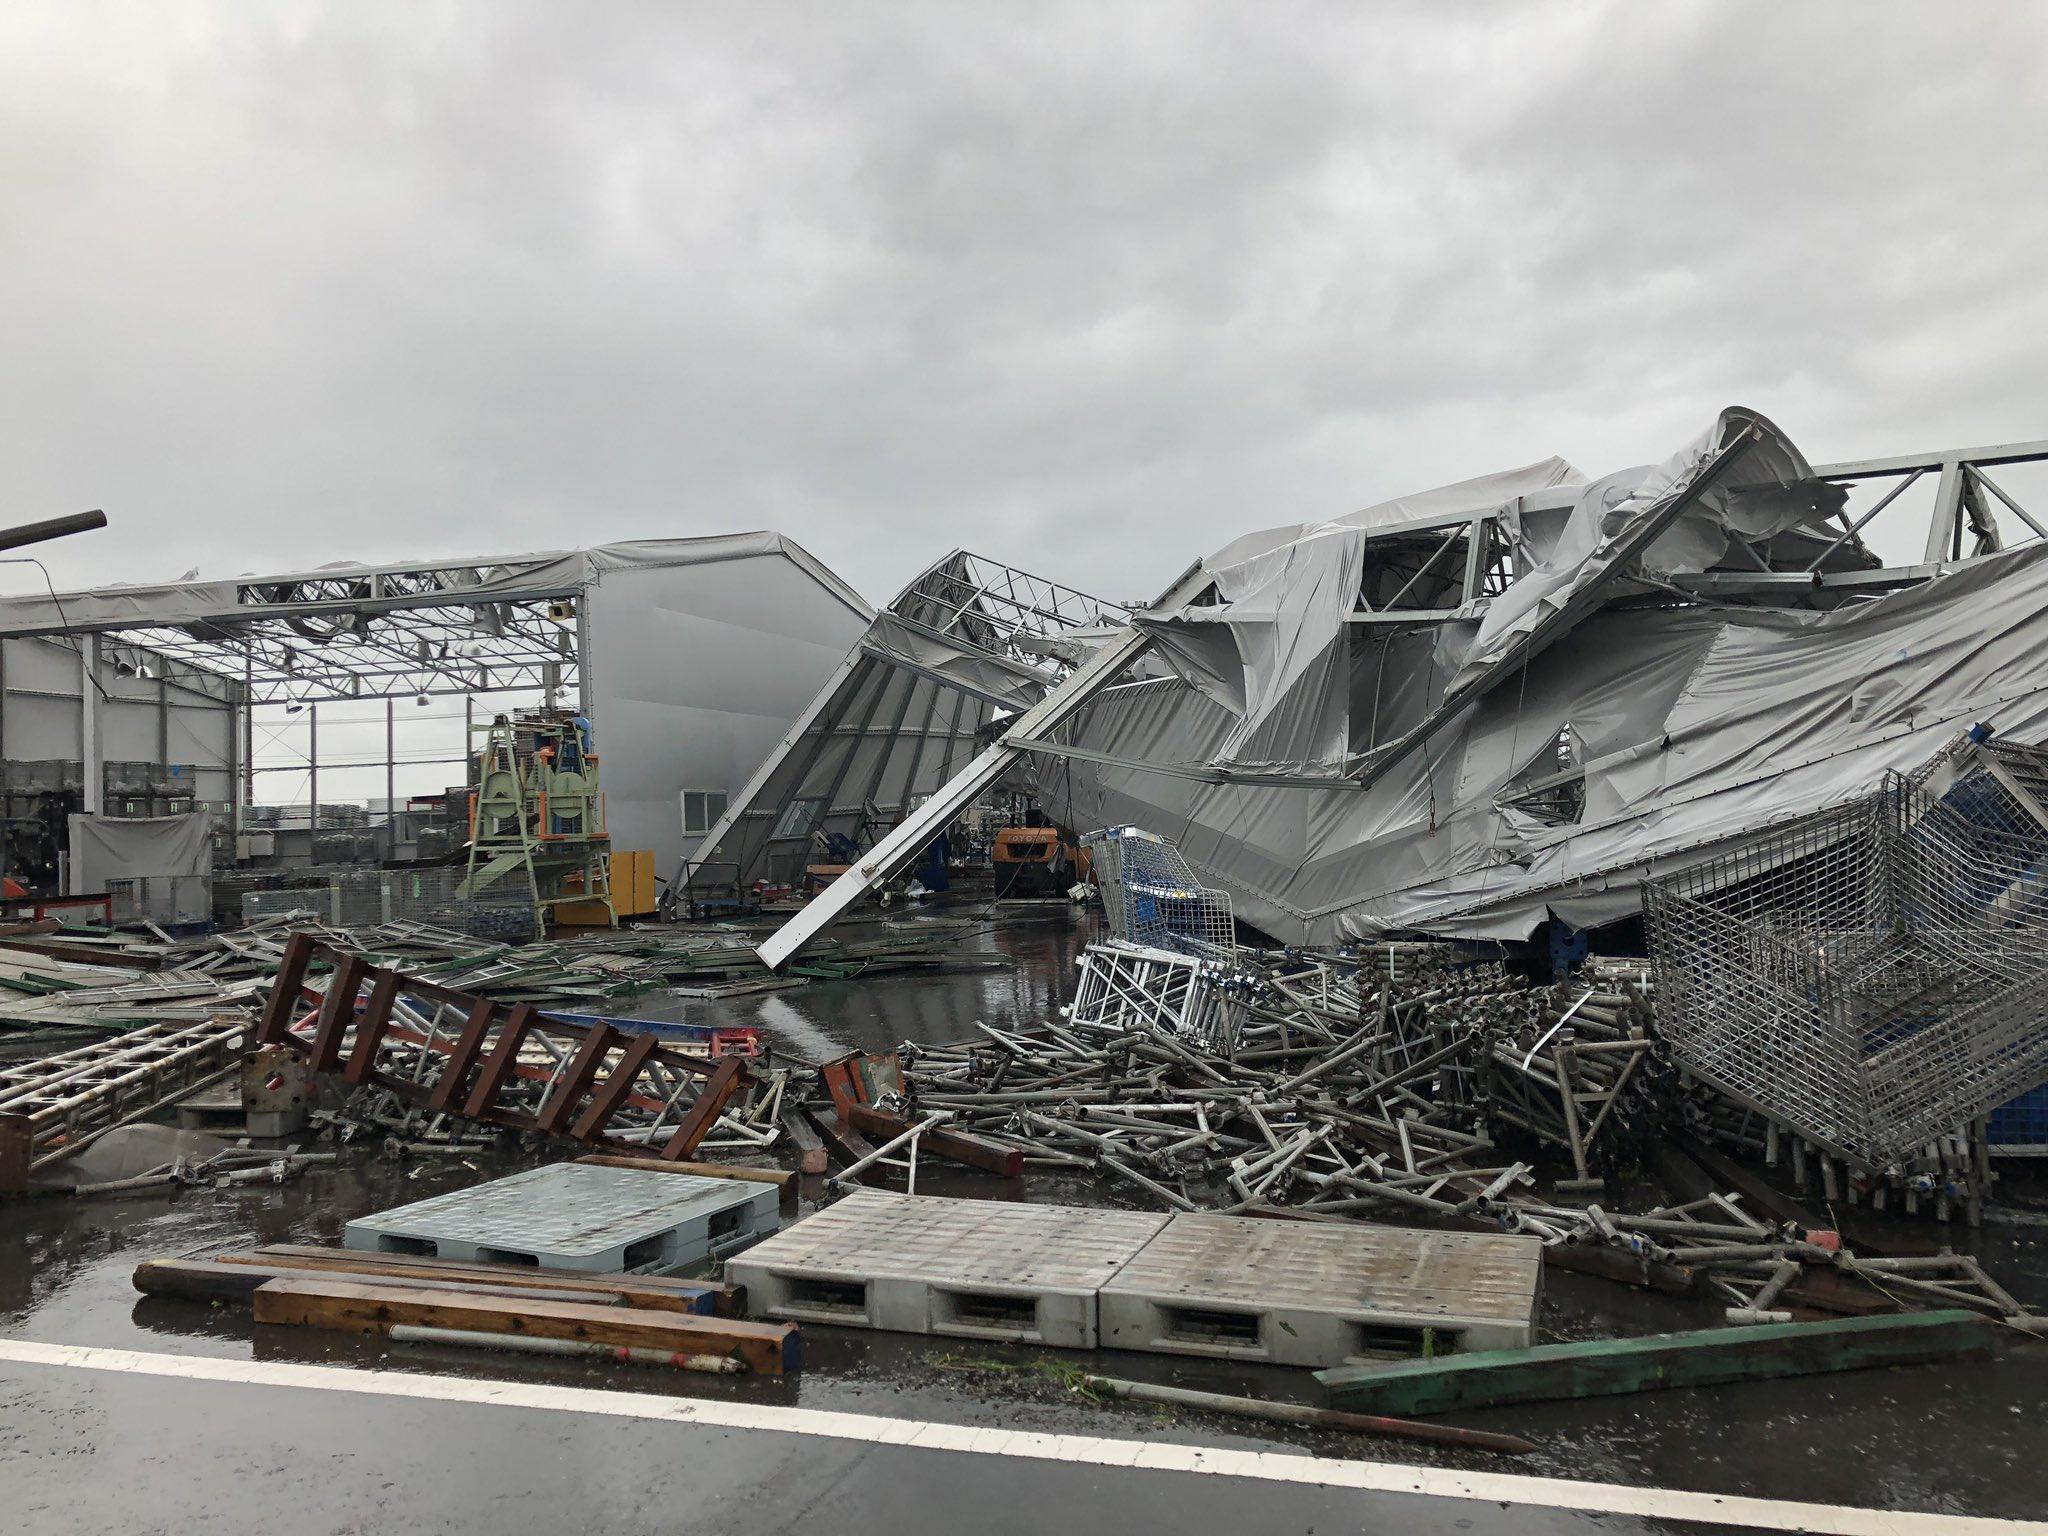 画像,千葉台風被害に遭われている方々頑張りましょう!オレも頑張ります!この瓦礫の中ハーレーちゃん奇跡的に生き残ったのが救い… https://t.co/GIujD2e…